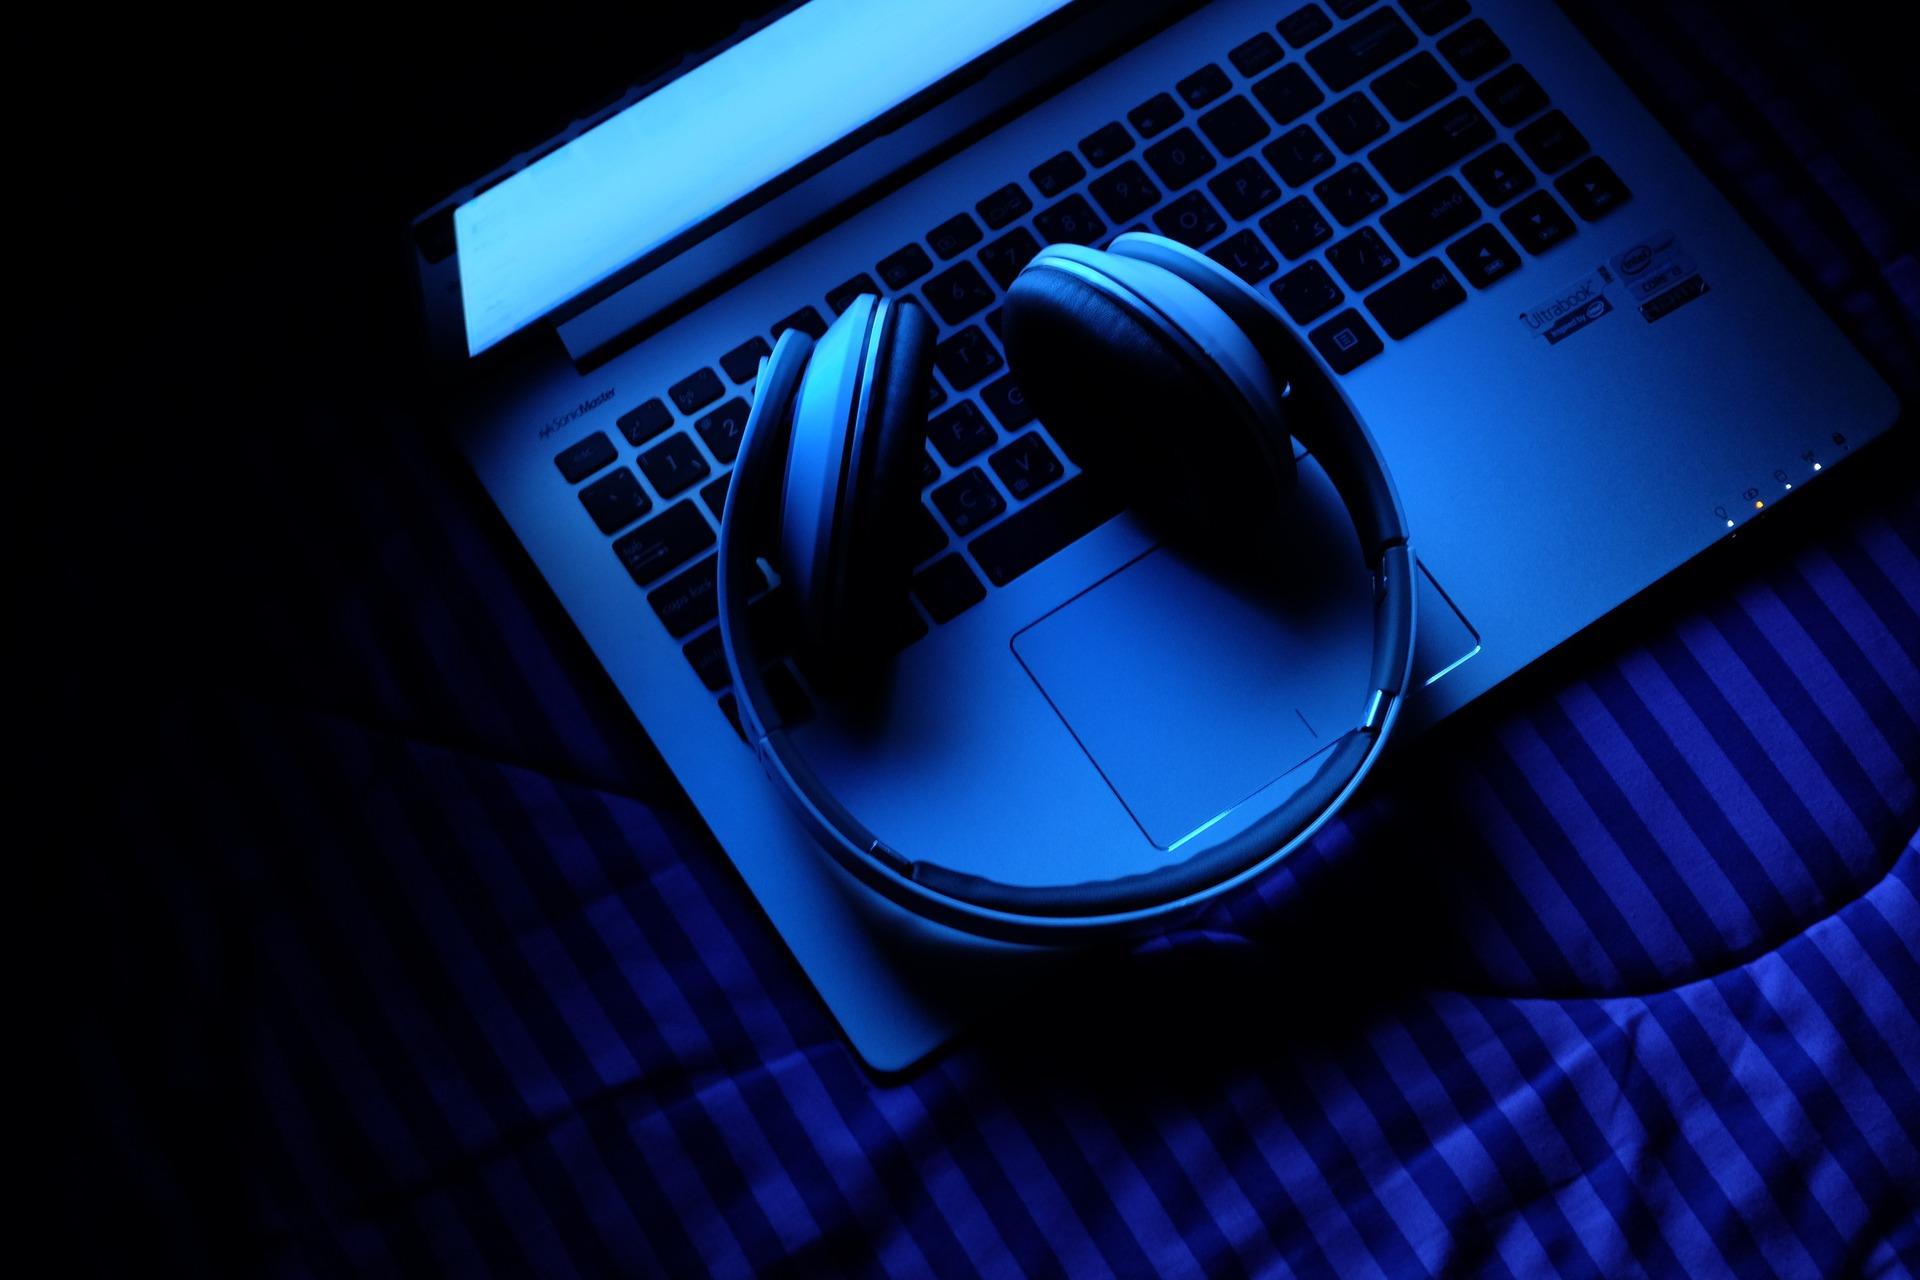 Zašto nas prolaze trnci od muzike?